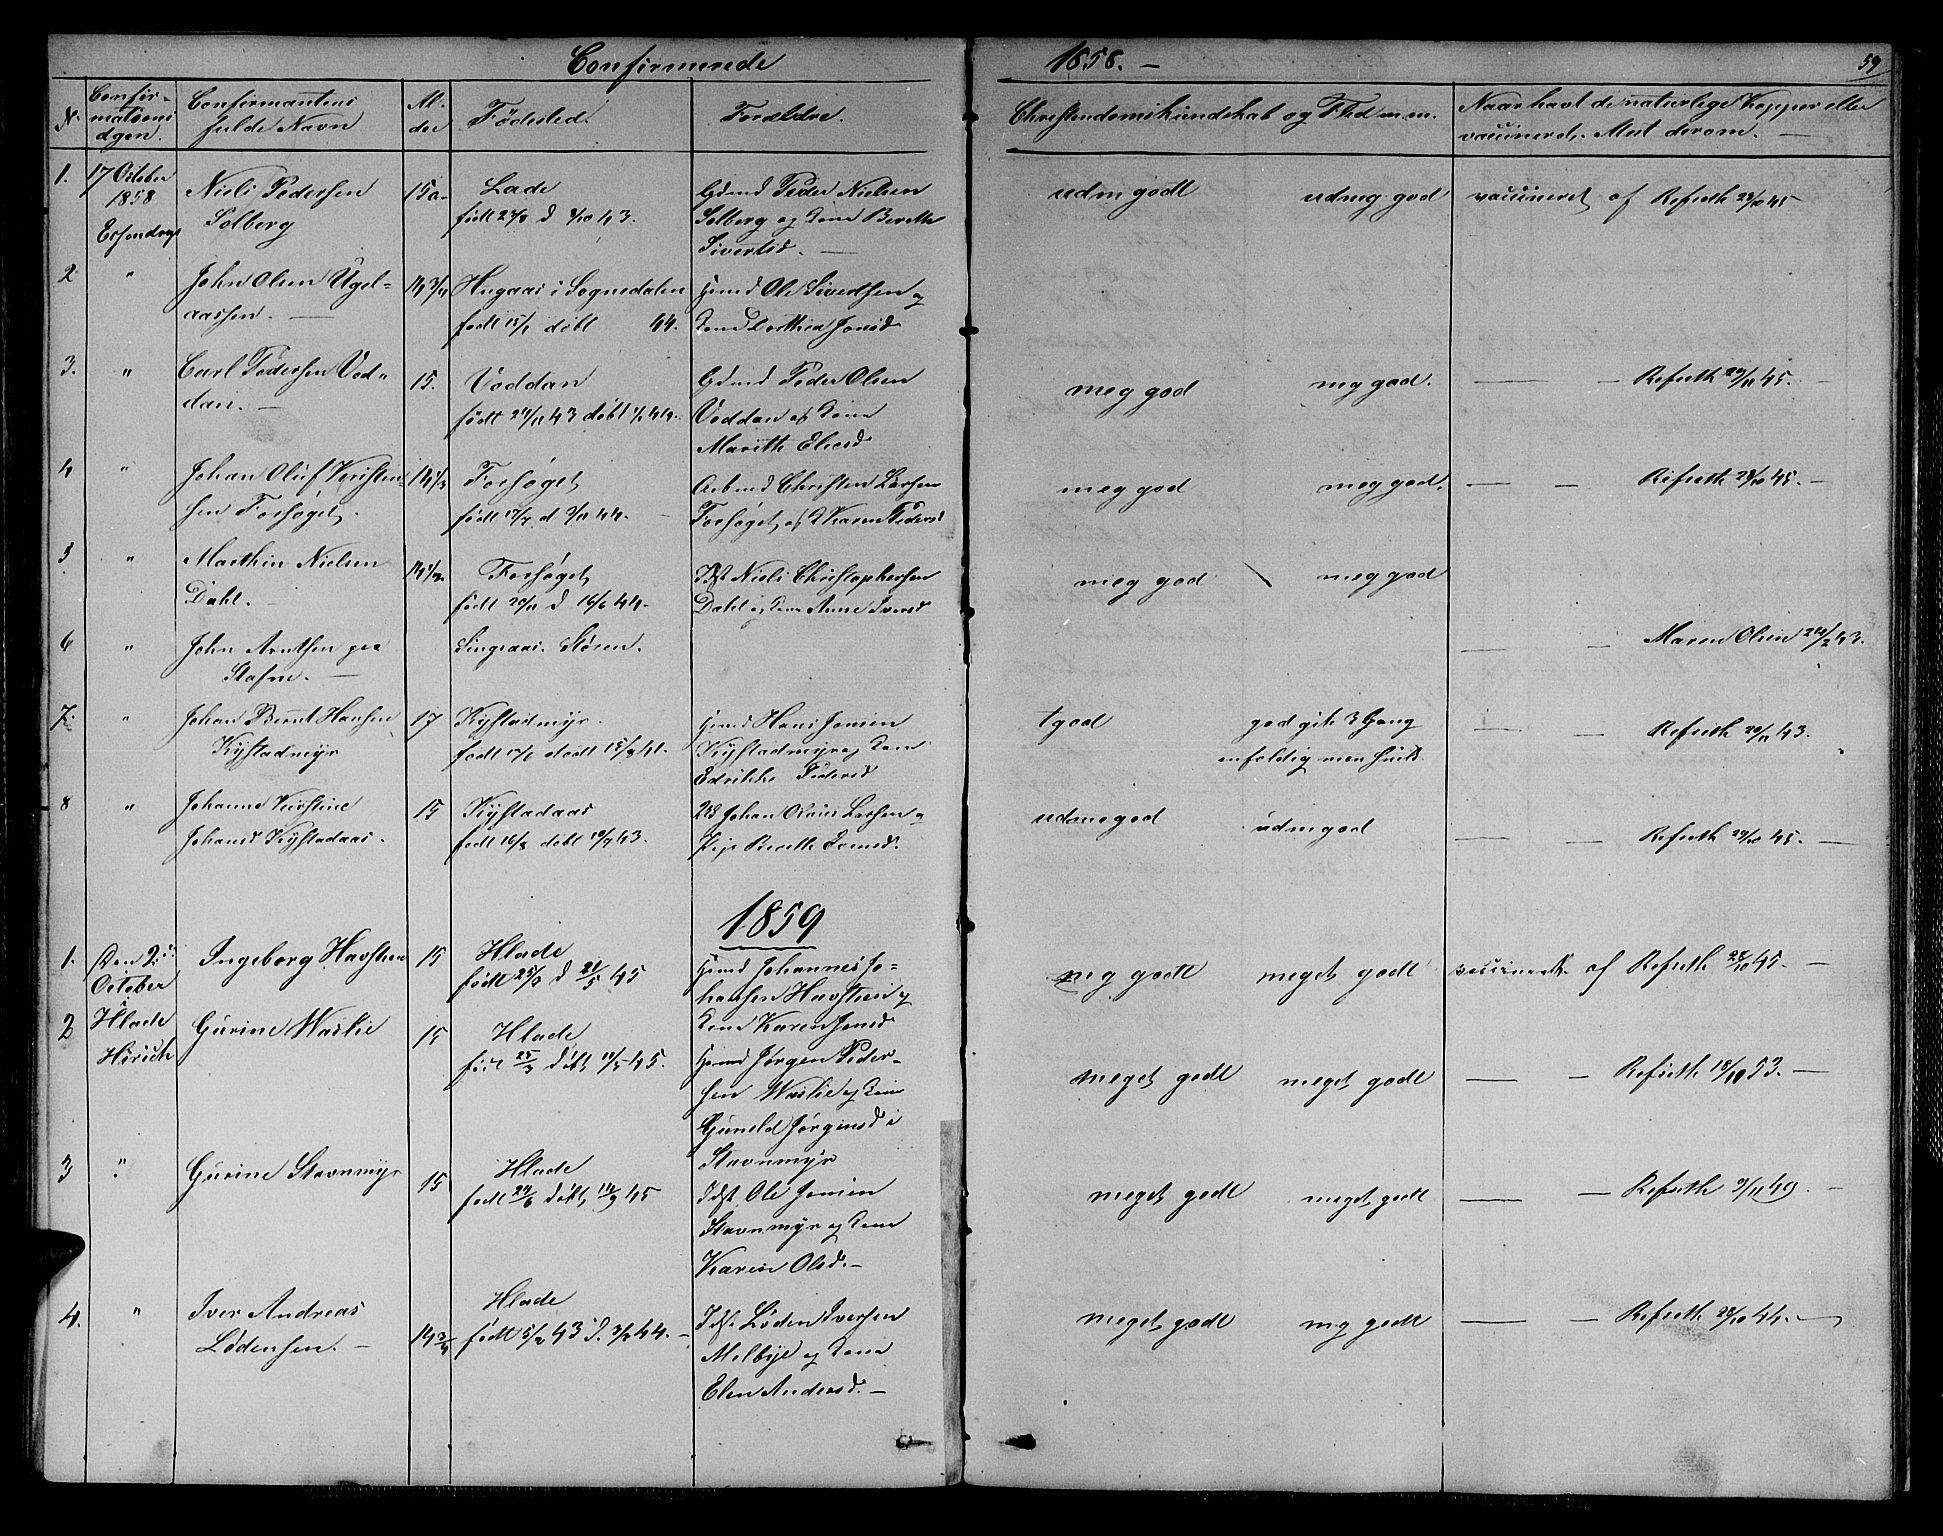 SAT, Ministerialprotokoller, klokkerbøker og fødselsregistre - Sør-Trøndelag, 611/L0353: Klokkerbok nr. 611C01, 1854-1881, s. 59